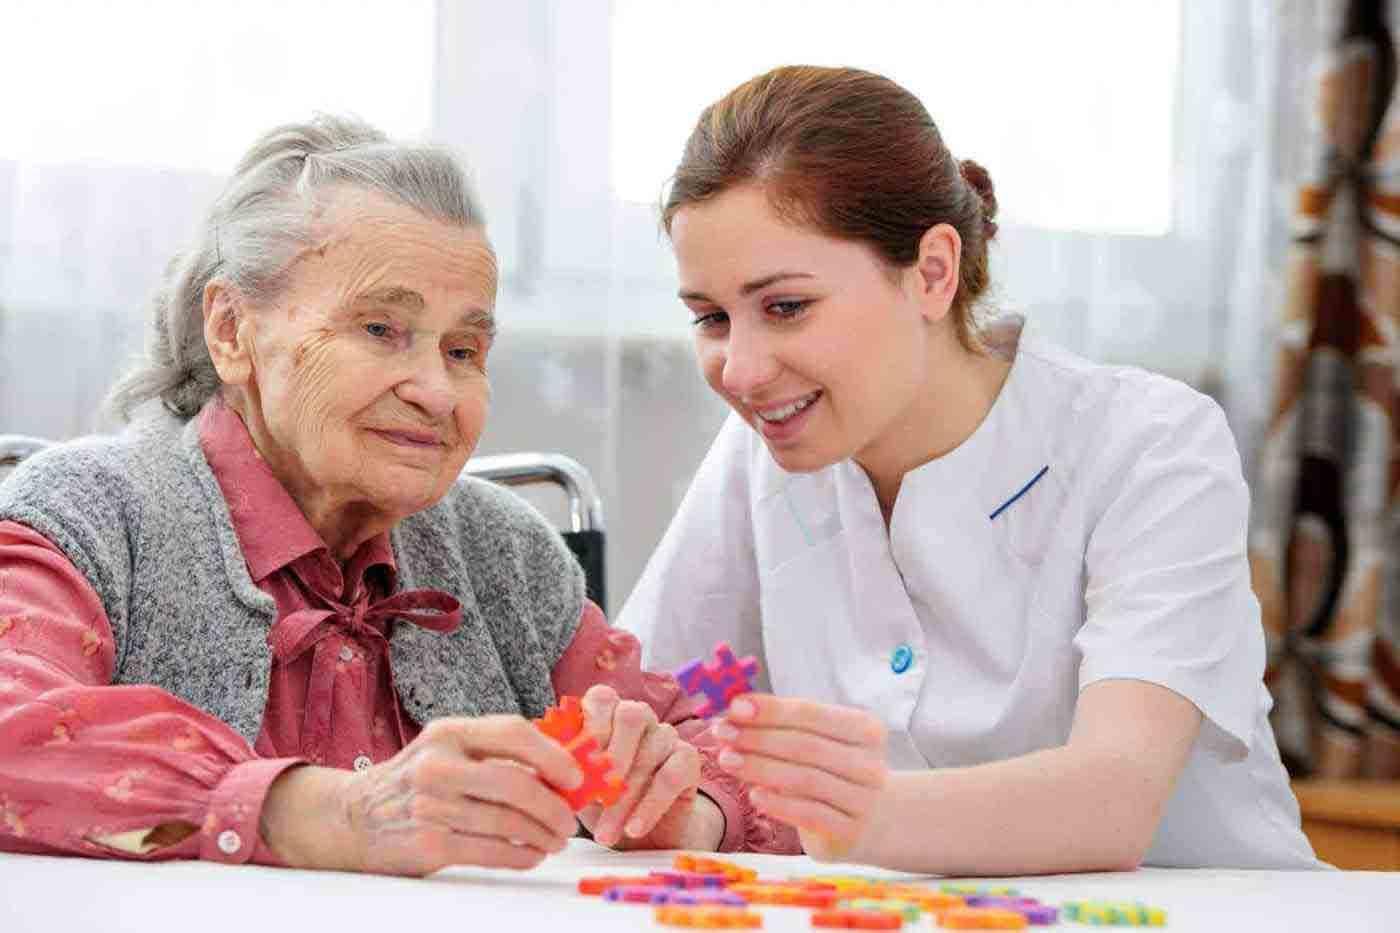 مراقب سالمند آلزایمری | مرکز خدمات پرستاری پارسیان مهرپرور